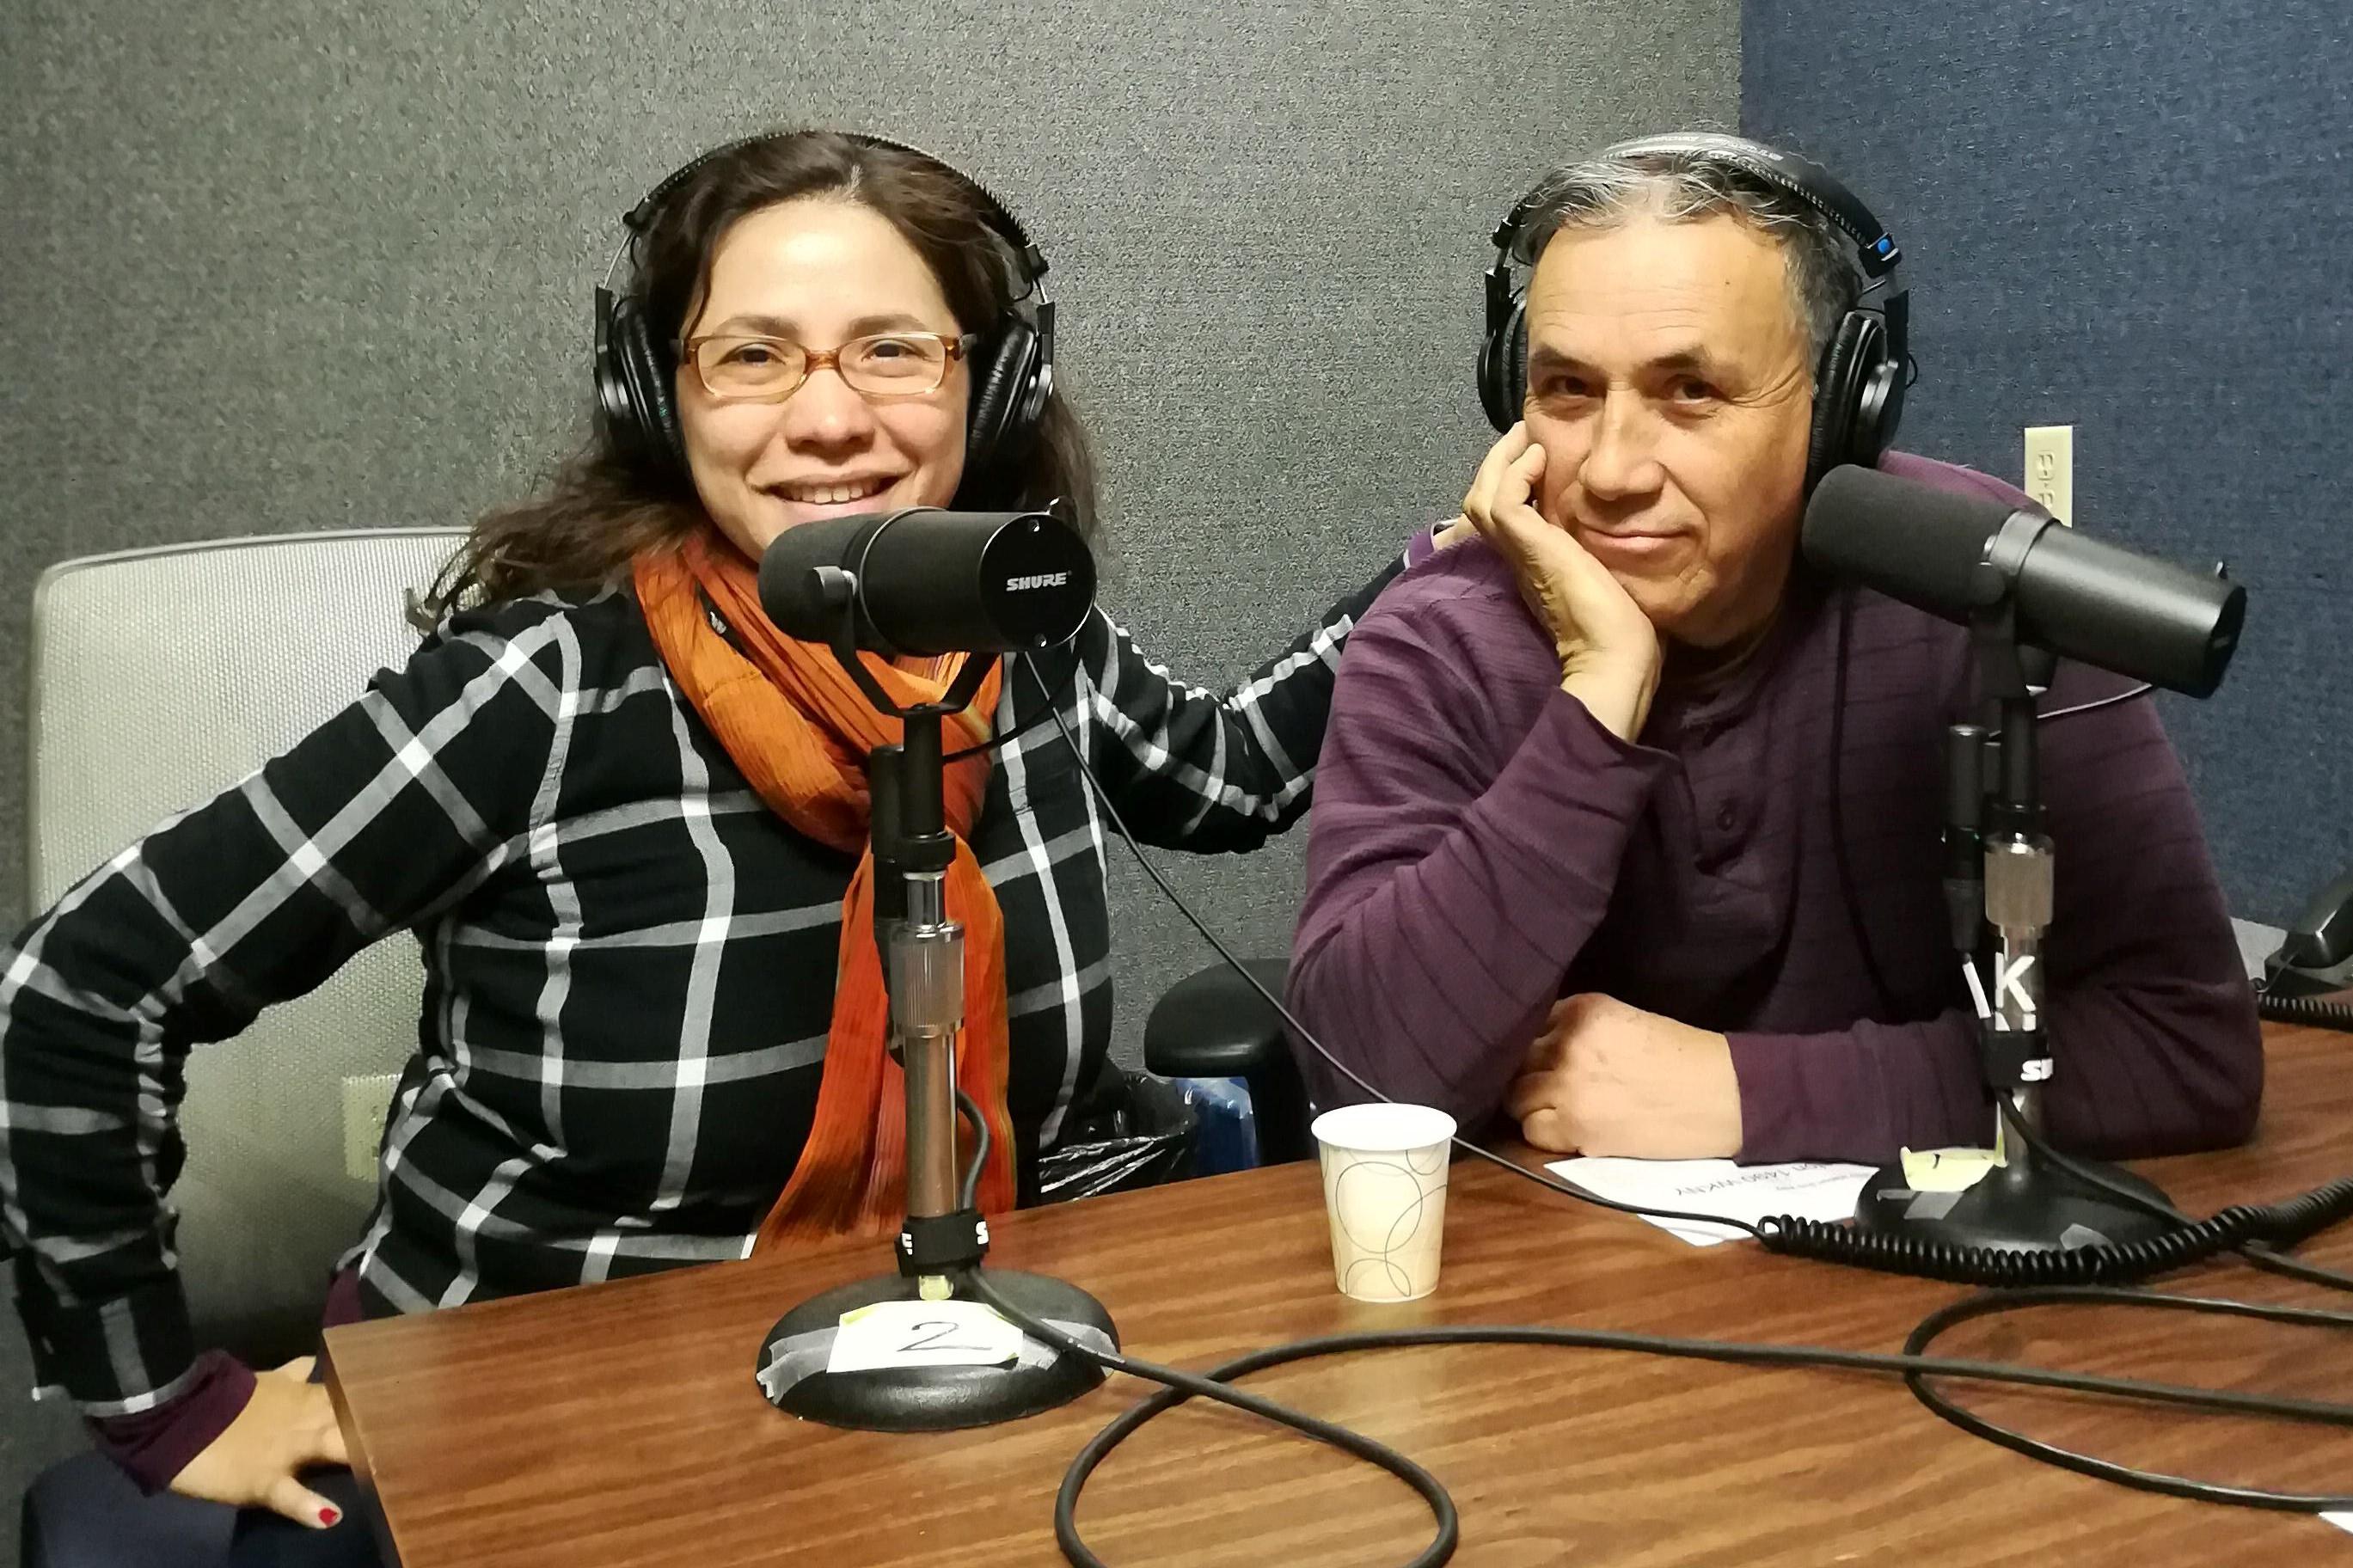 La Voz Launches Daily Radio Show in Kingston